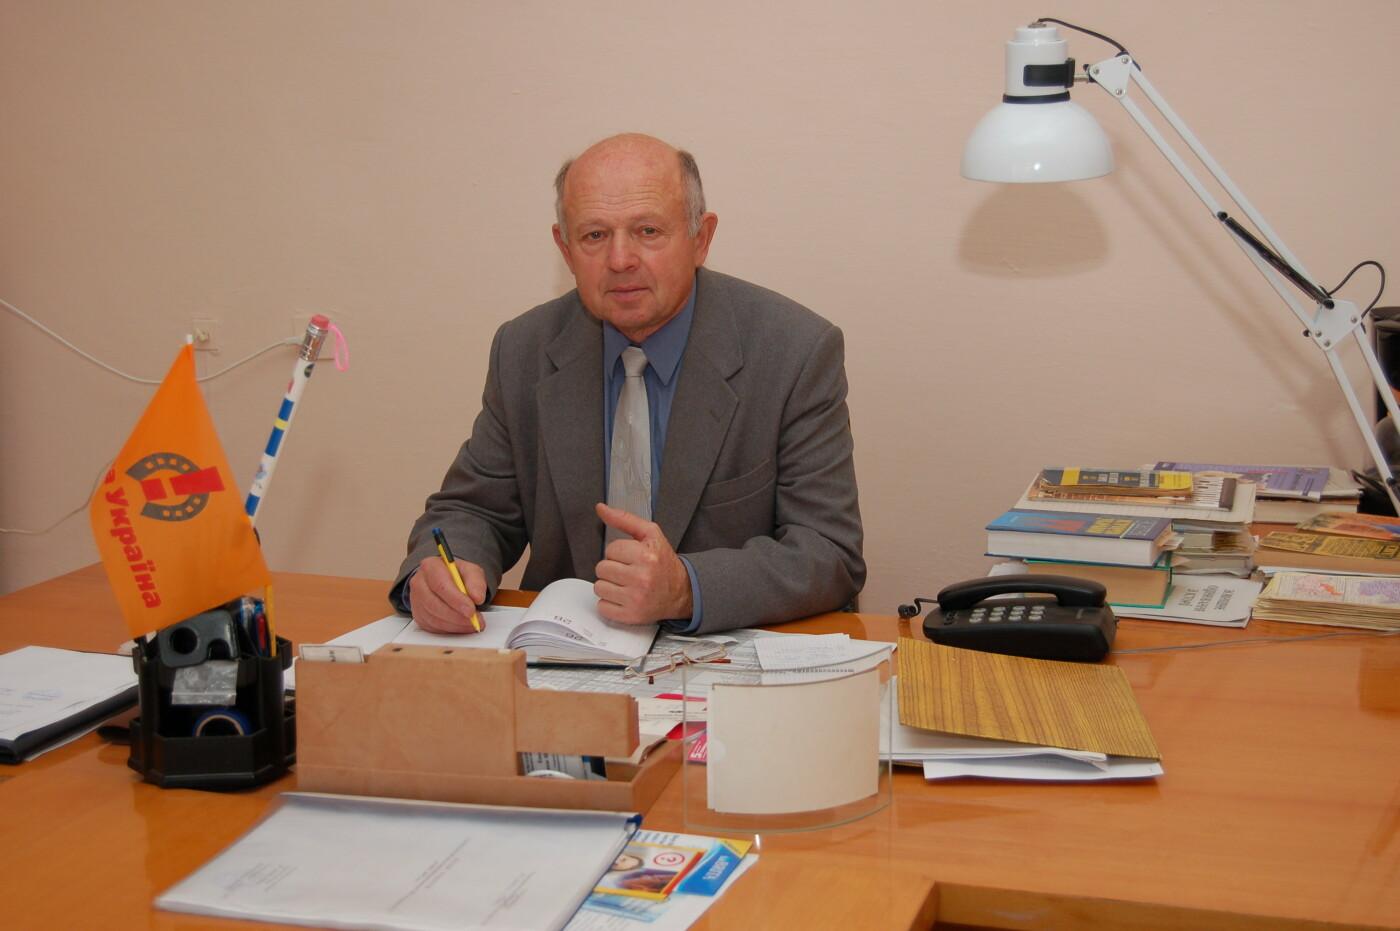 Трагедія у Тернополі: обірвалося життя знаного педагога (ФОТО), фото-1